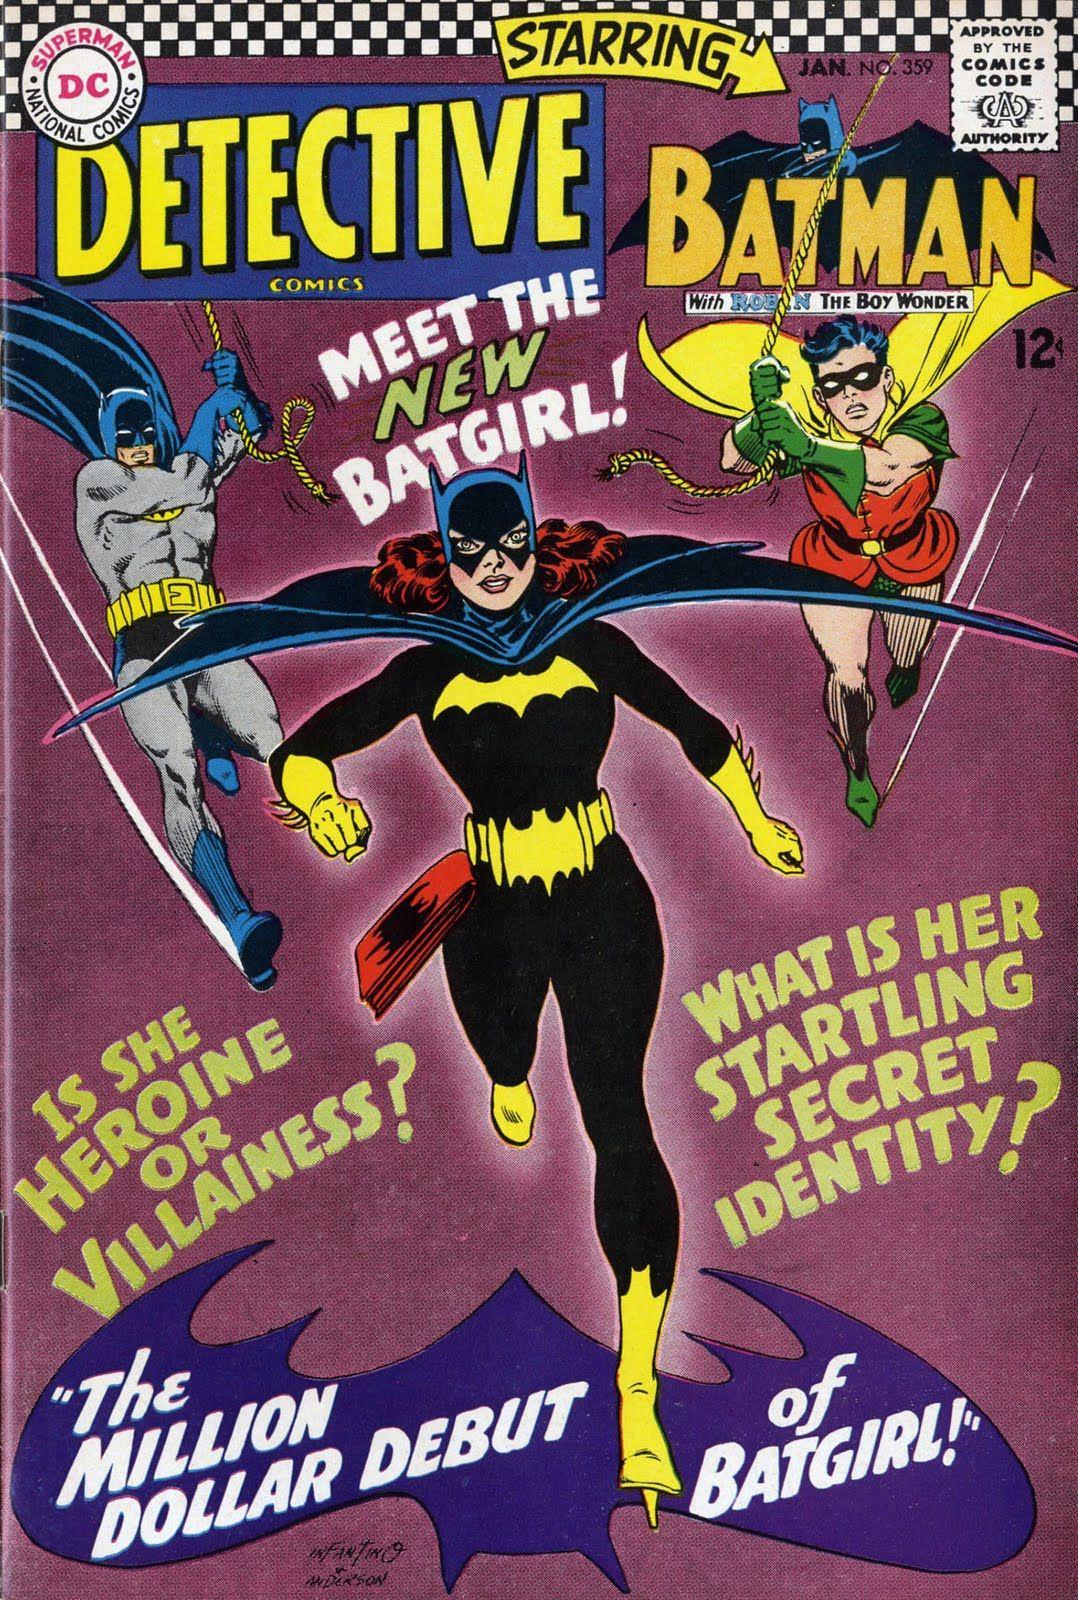 Portada de Detective Comics #359 (enero de 1967). Imagen: pinterest.com